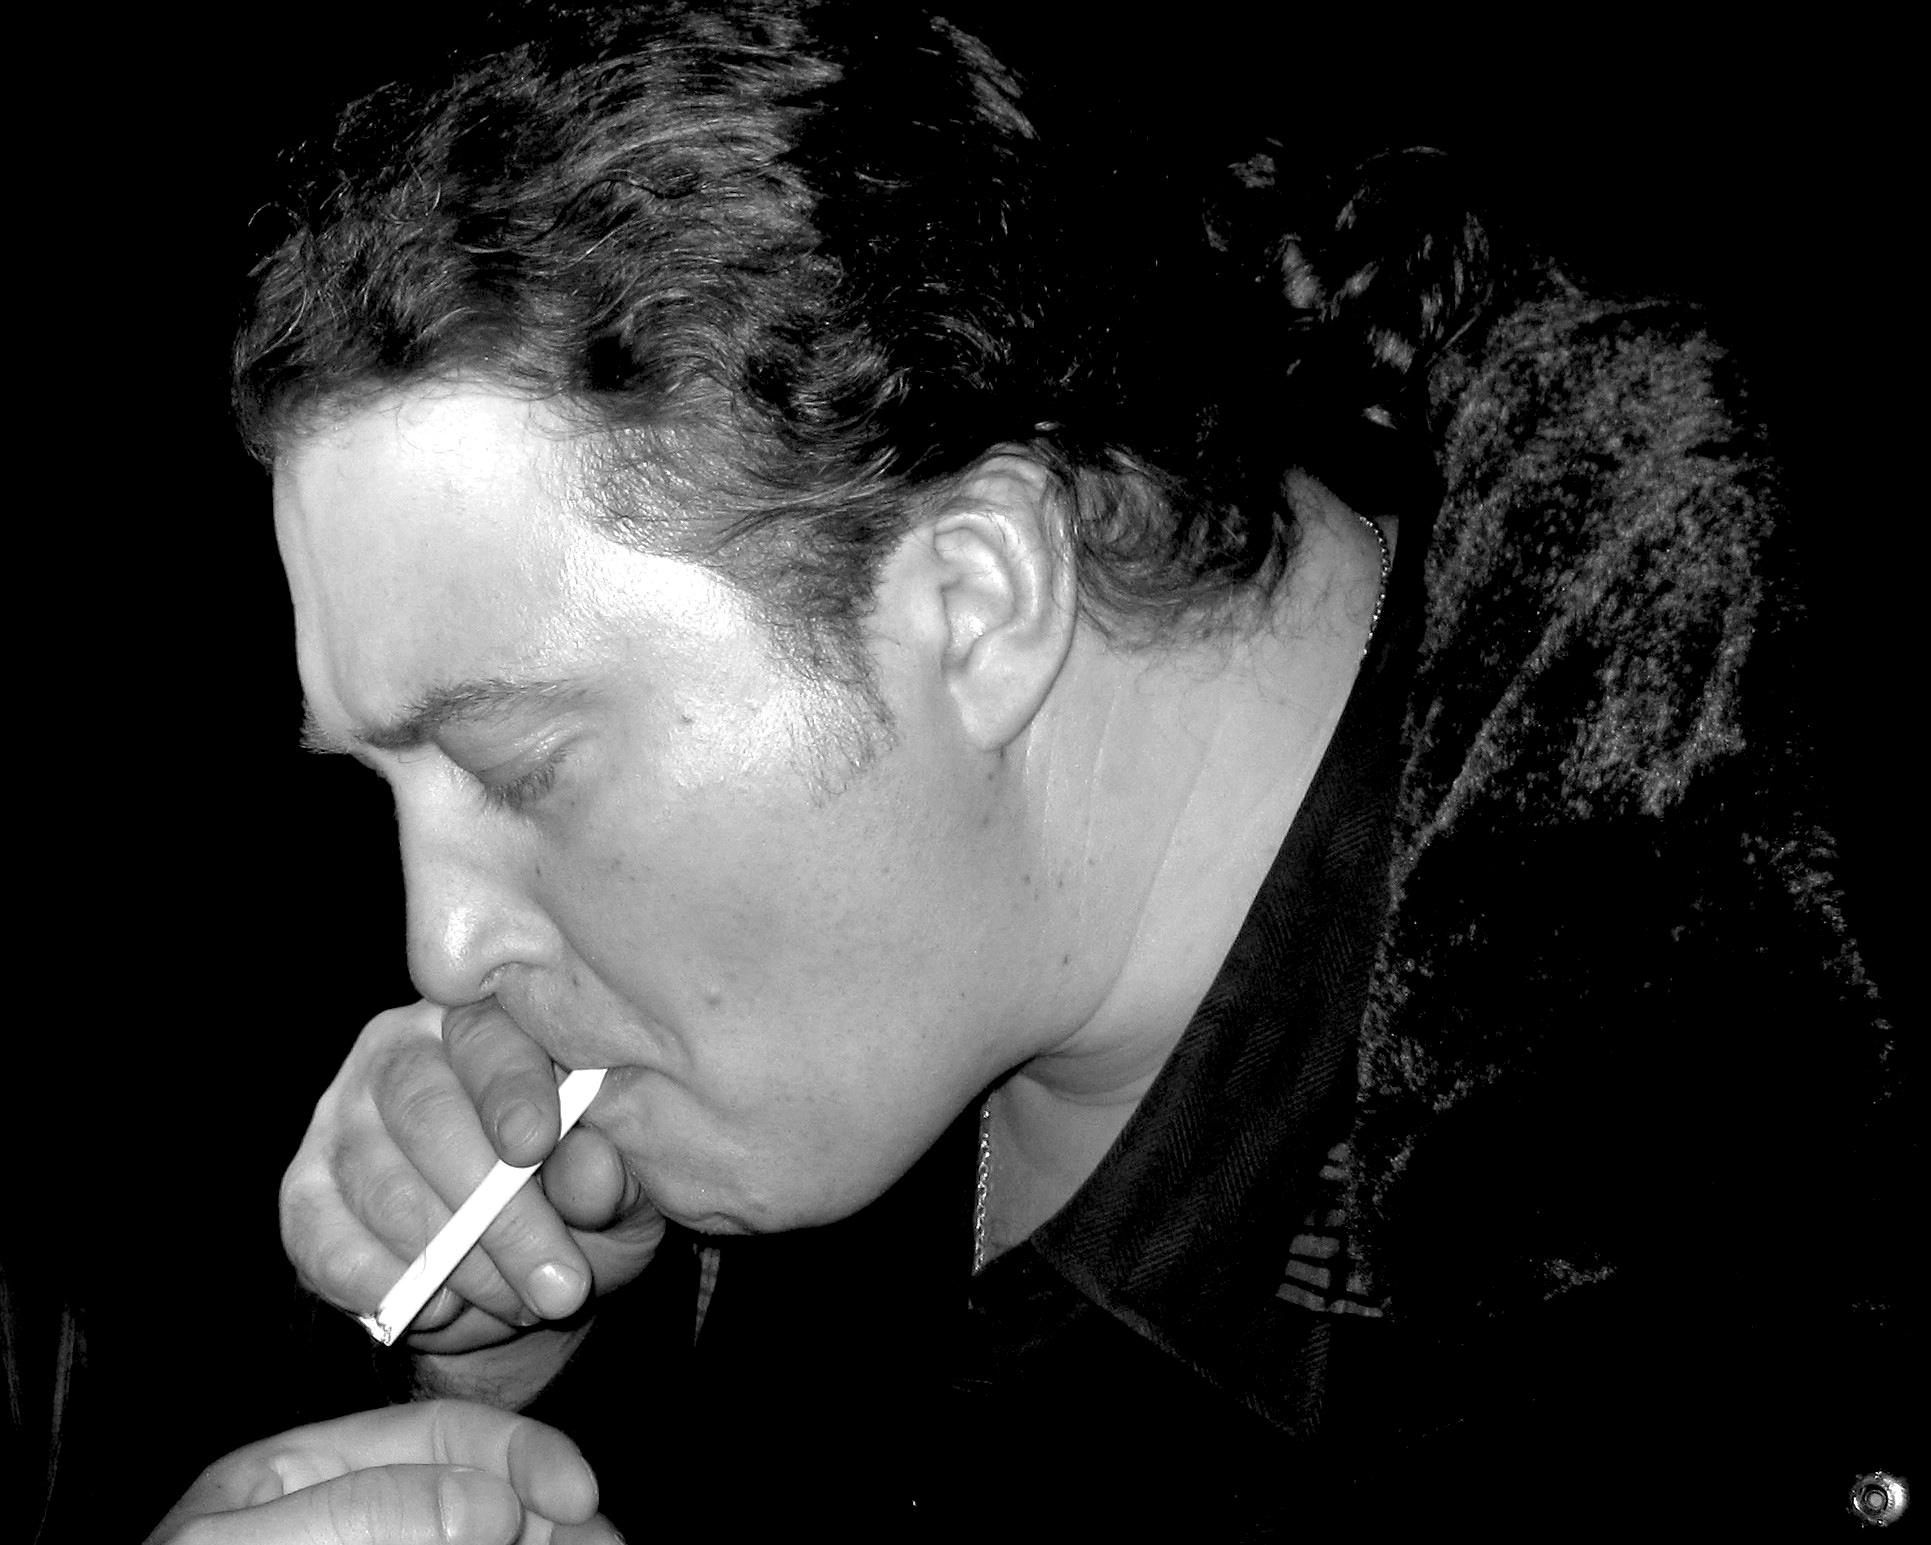 sigareta